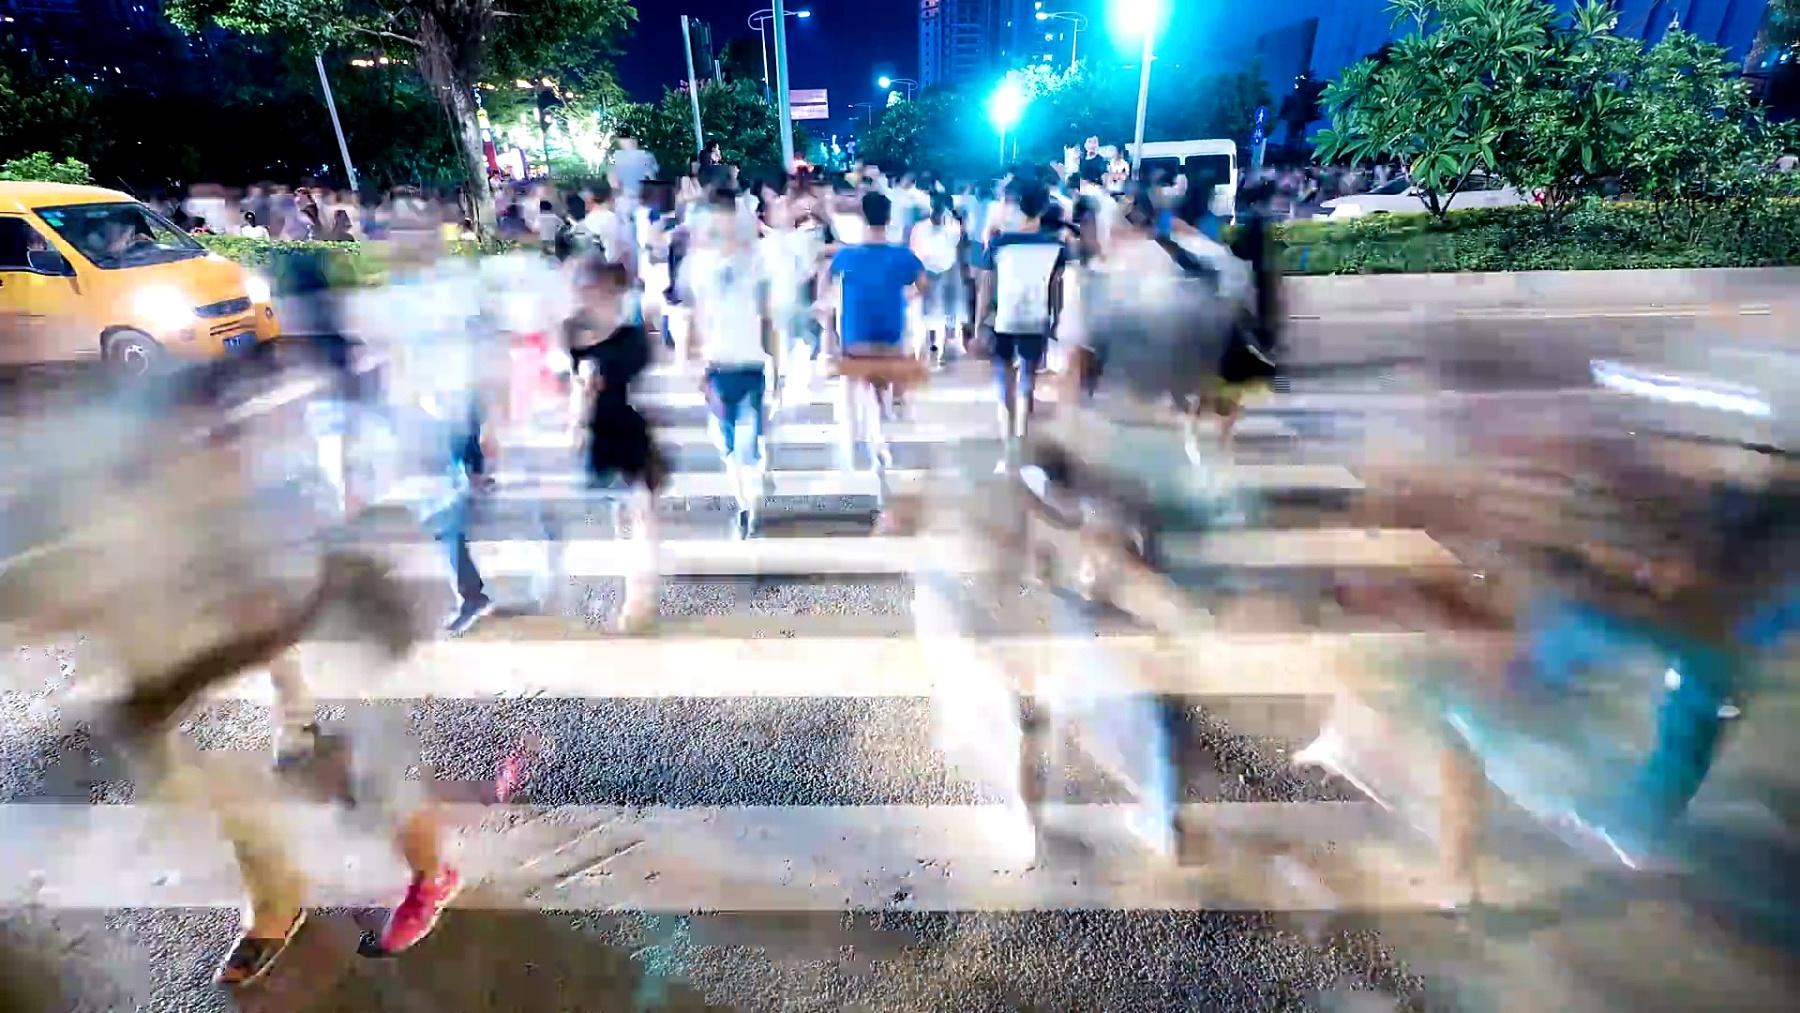 行人在城市广州街道的斑马线上行走,延时摄影。